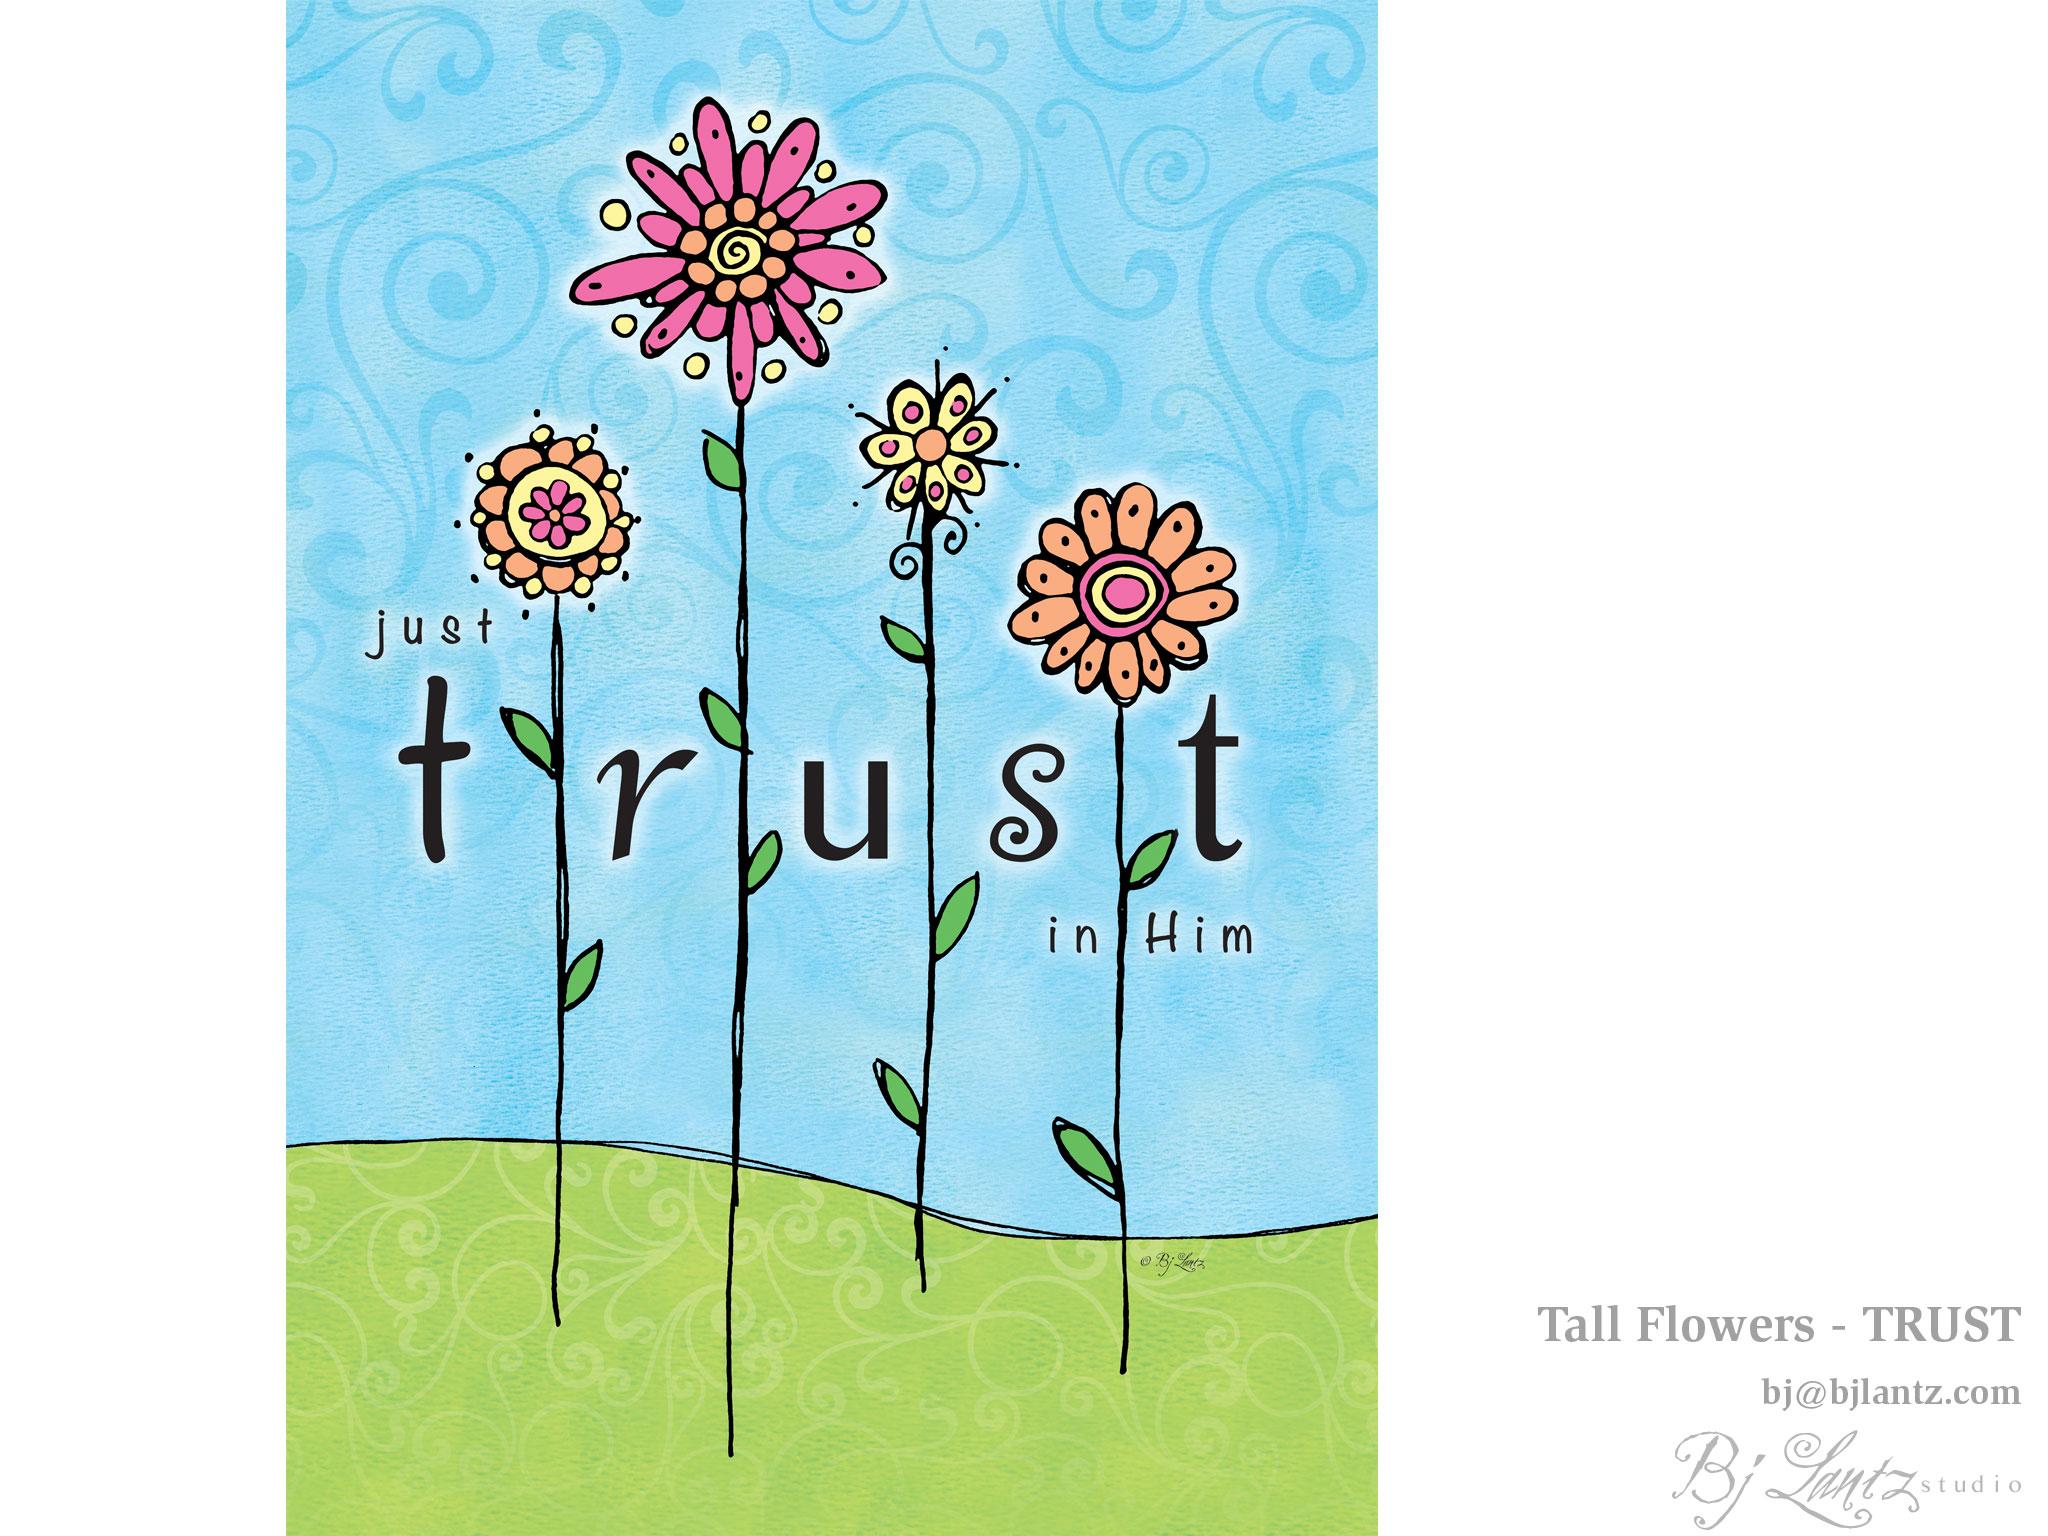 TallFlowers-cards_BJ-Lantz_Trust.jpg